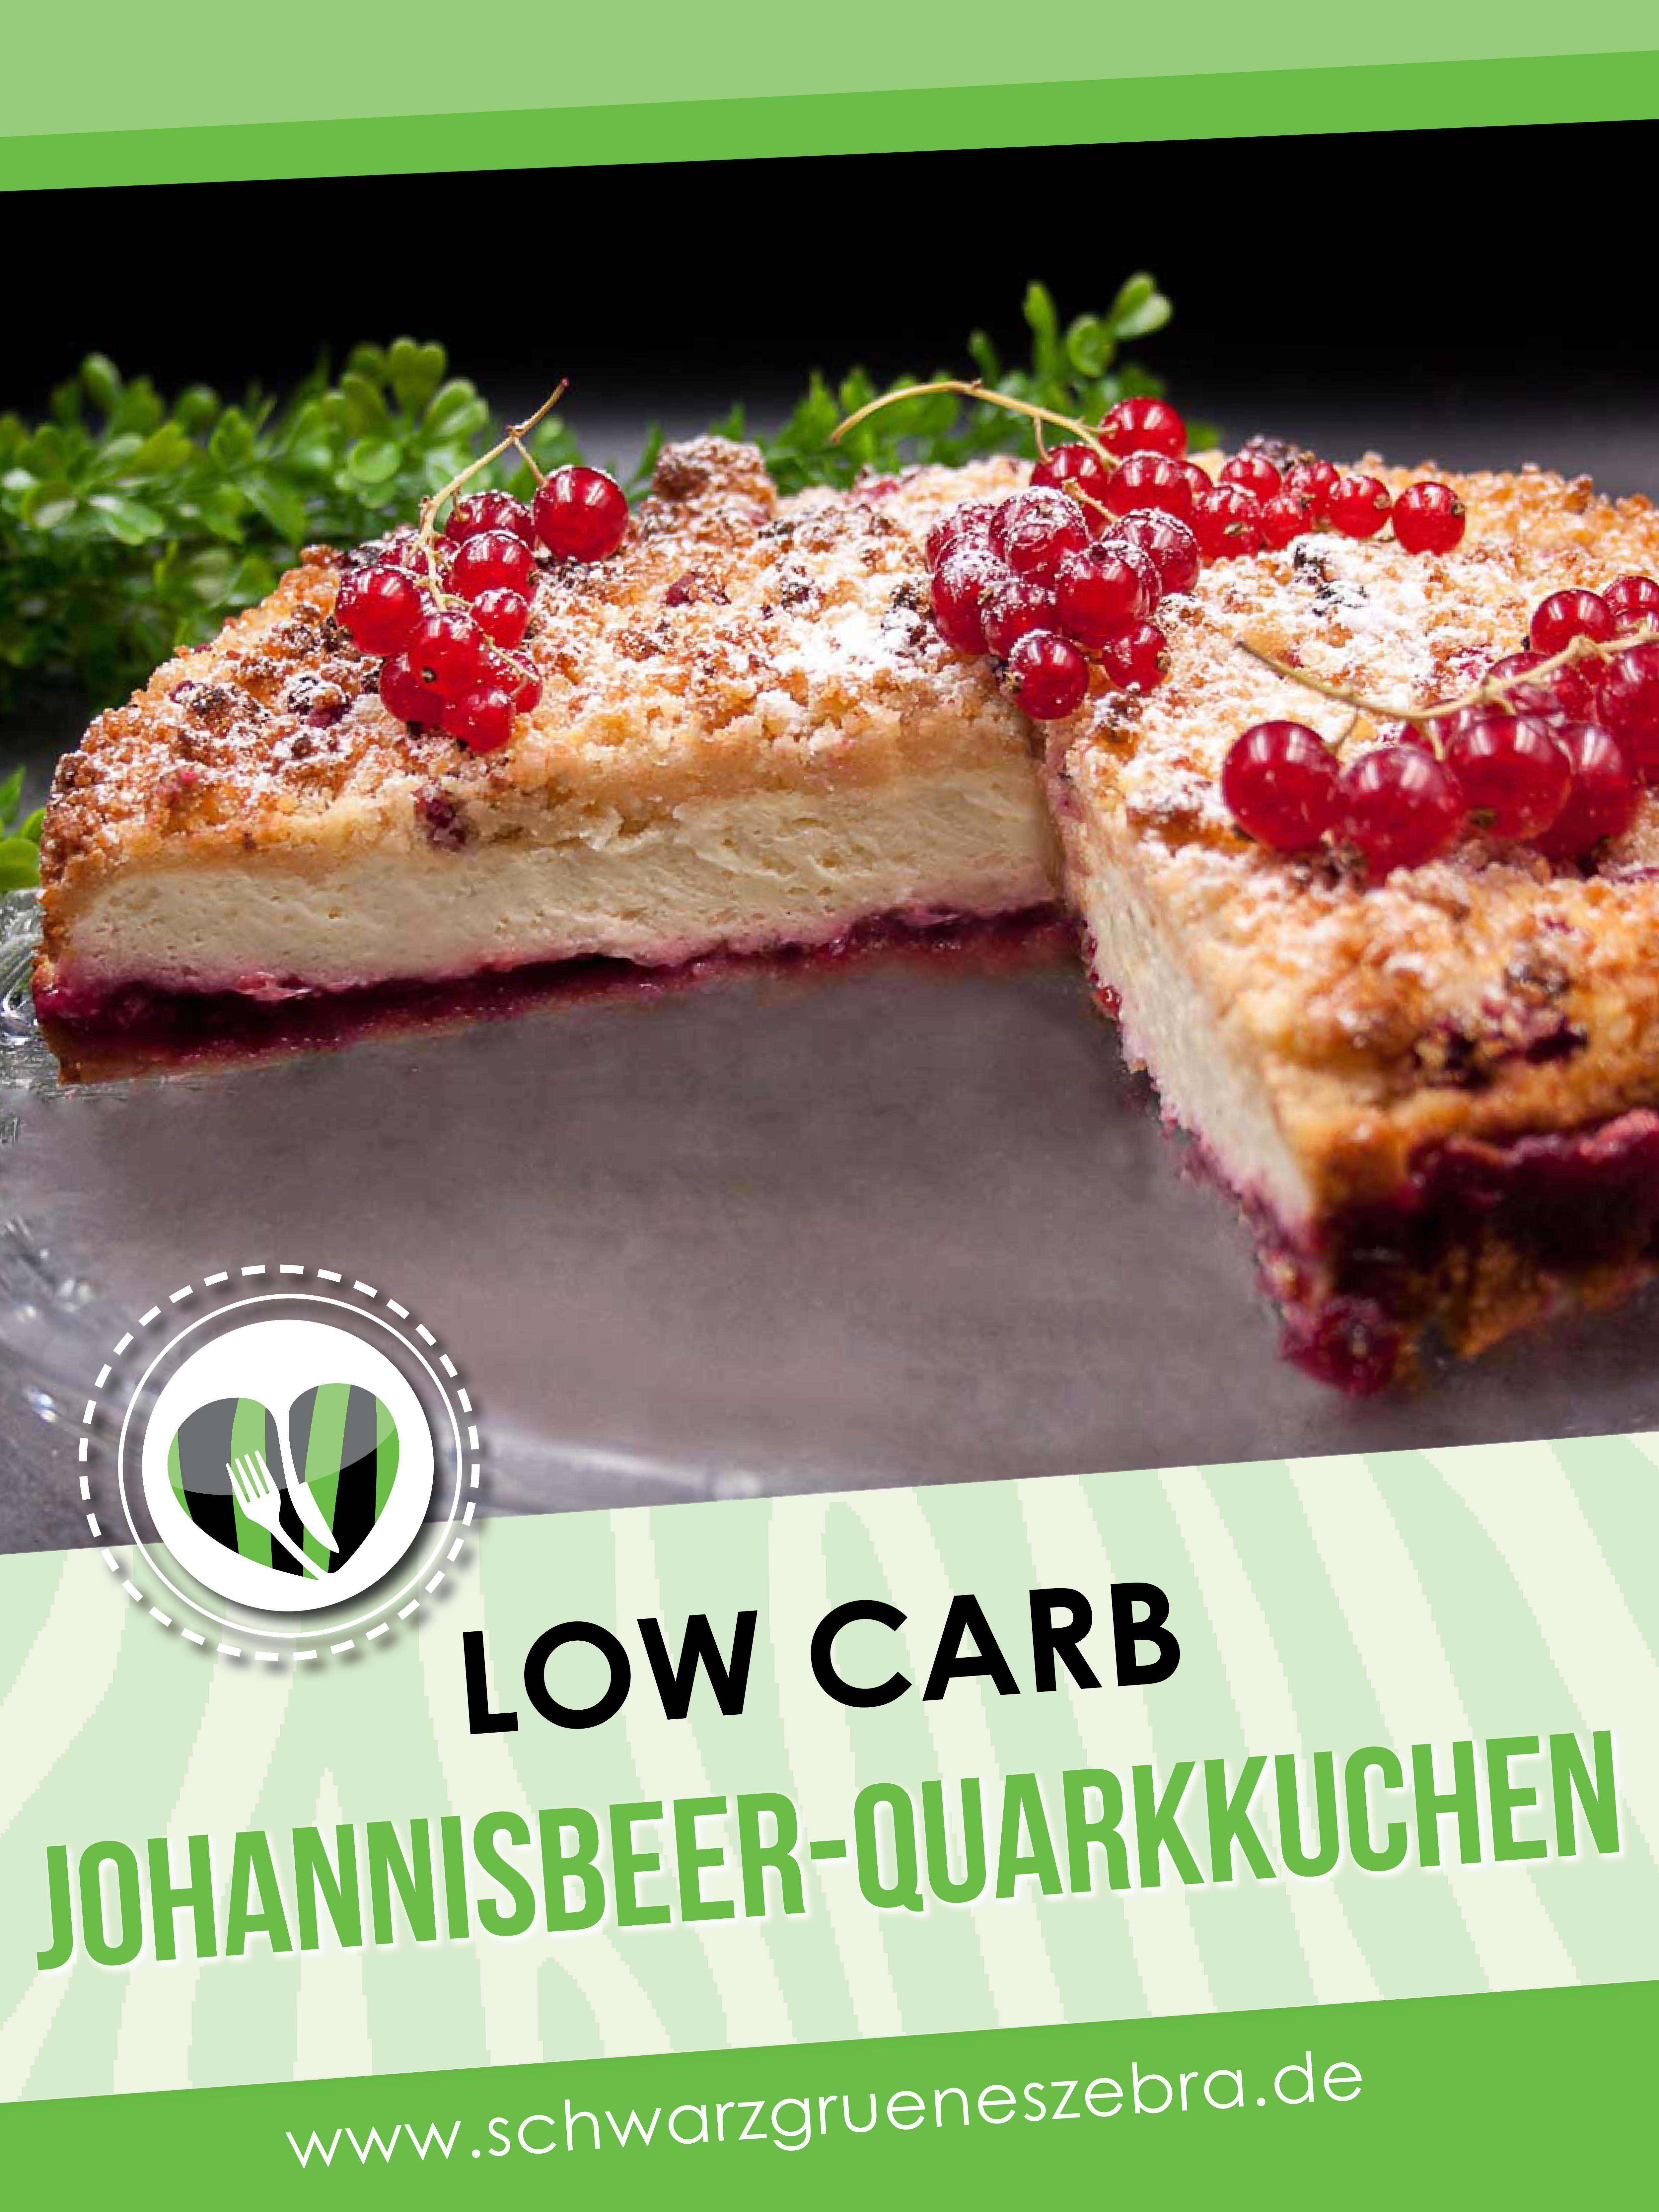 Low Carb Johannisbeer Quark Kuchen Low Carb Johannisbeerkuchen Rezepte Und Quarkkuchen